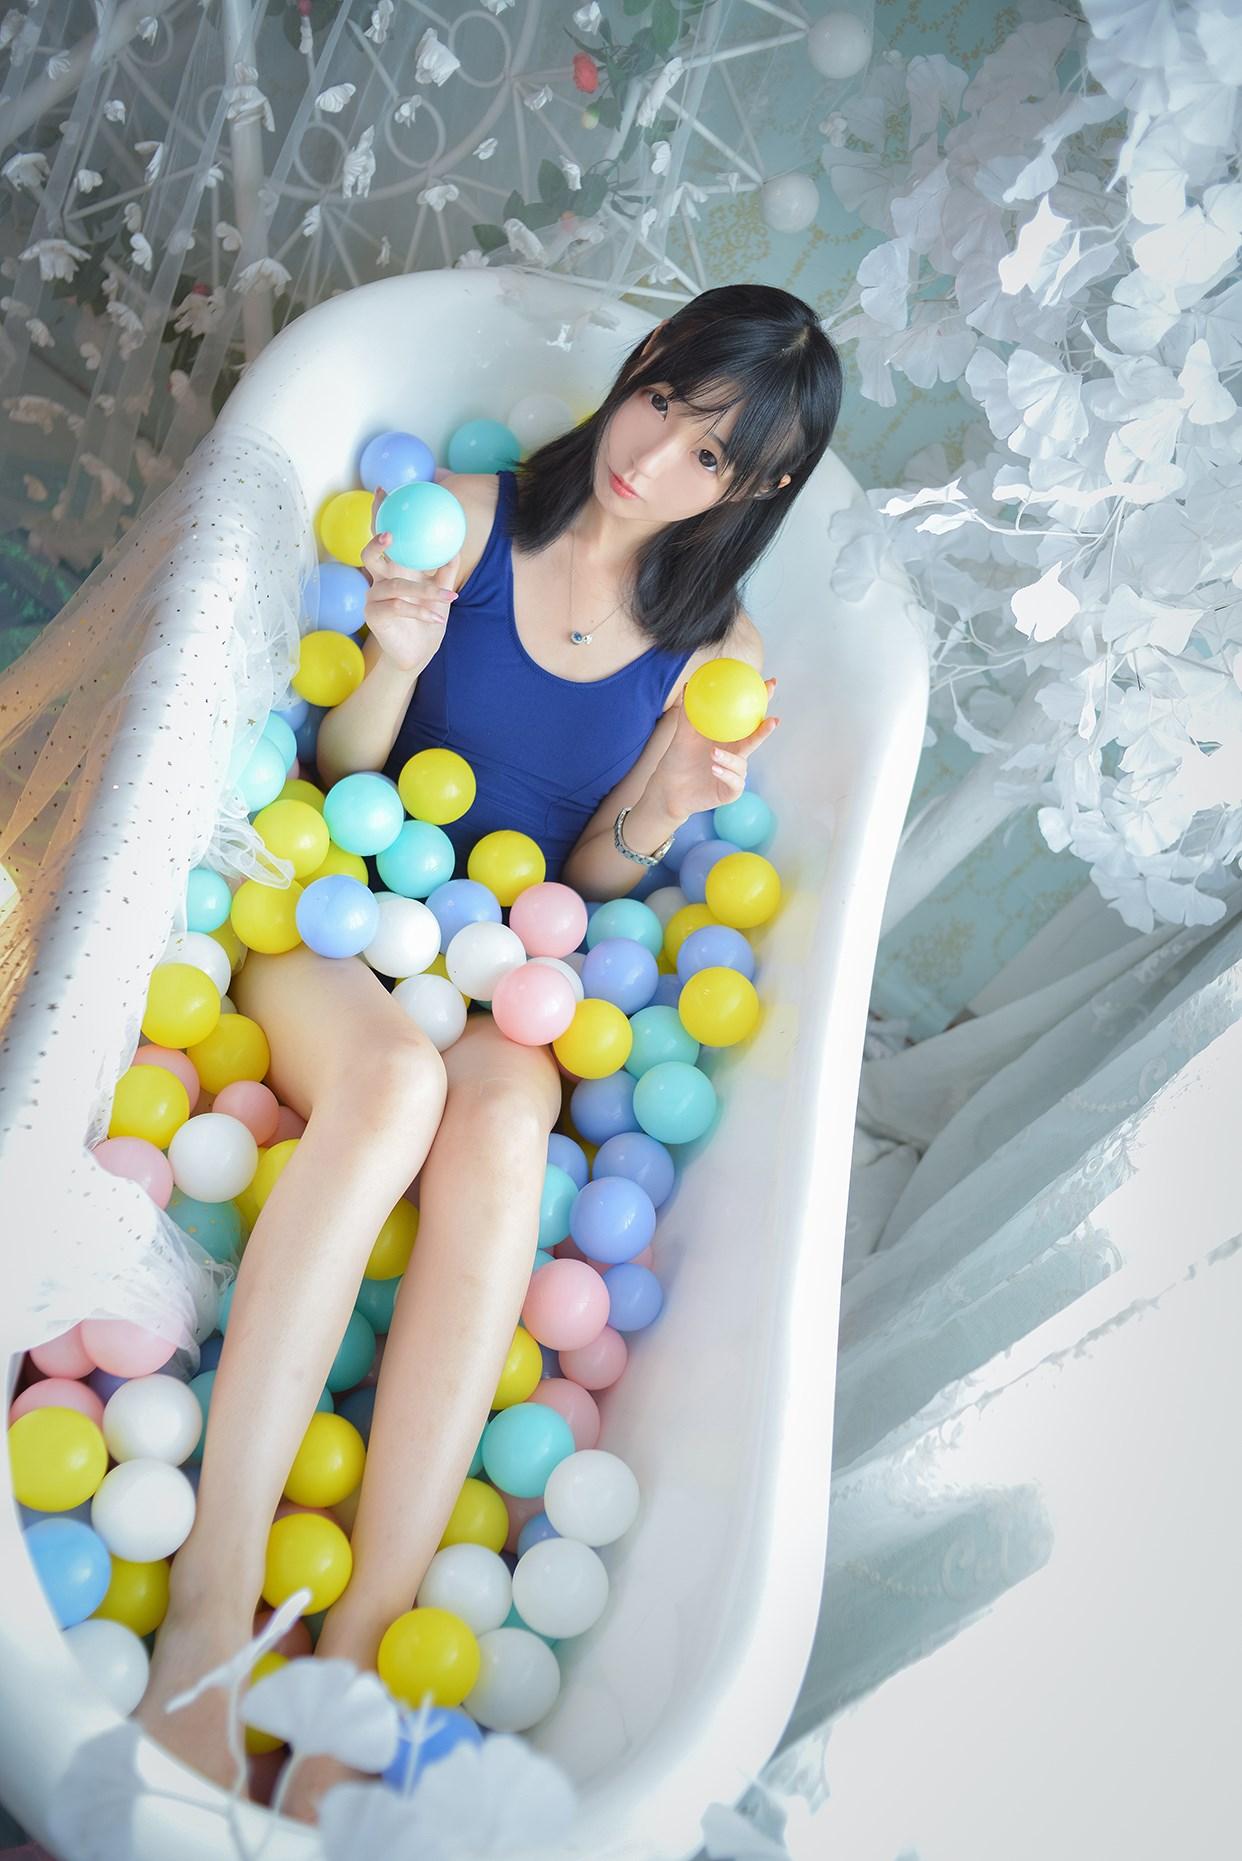 【兔玩映画】浴缸里的萝莉喵 兔玩映画 第38张